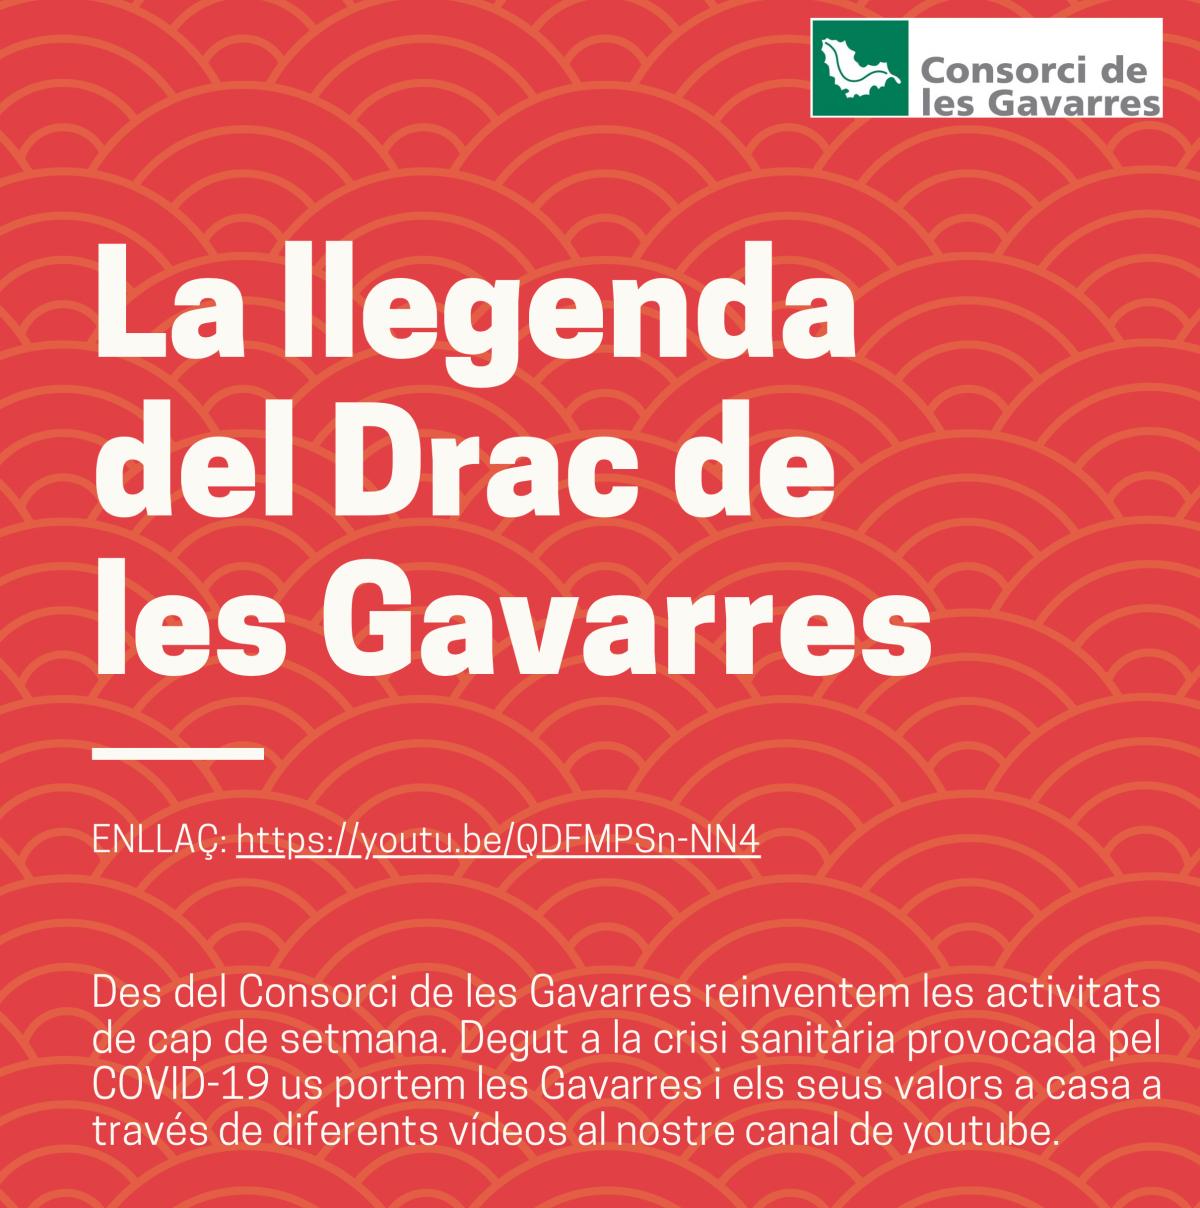 Cartell la llegenda del Drac de les Gavarres